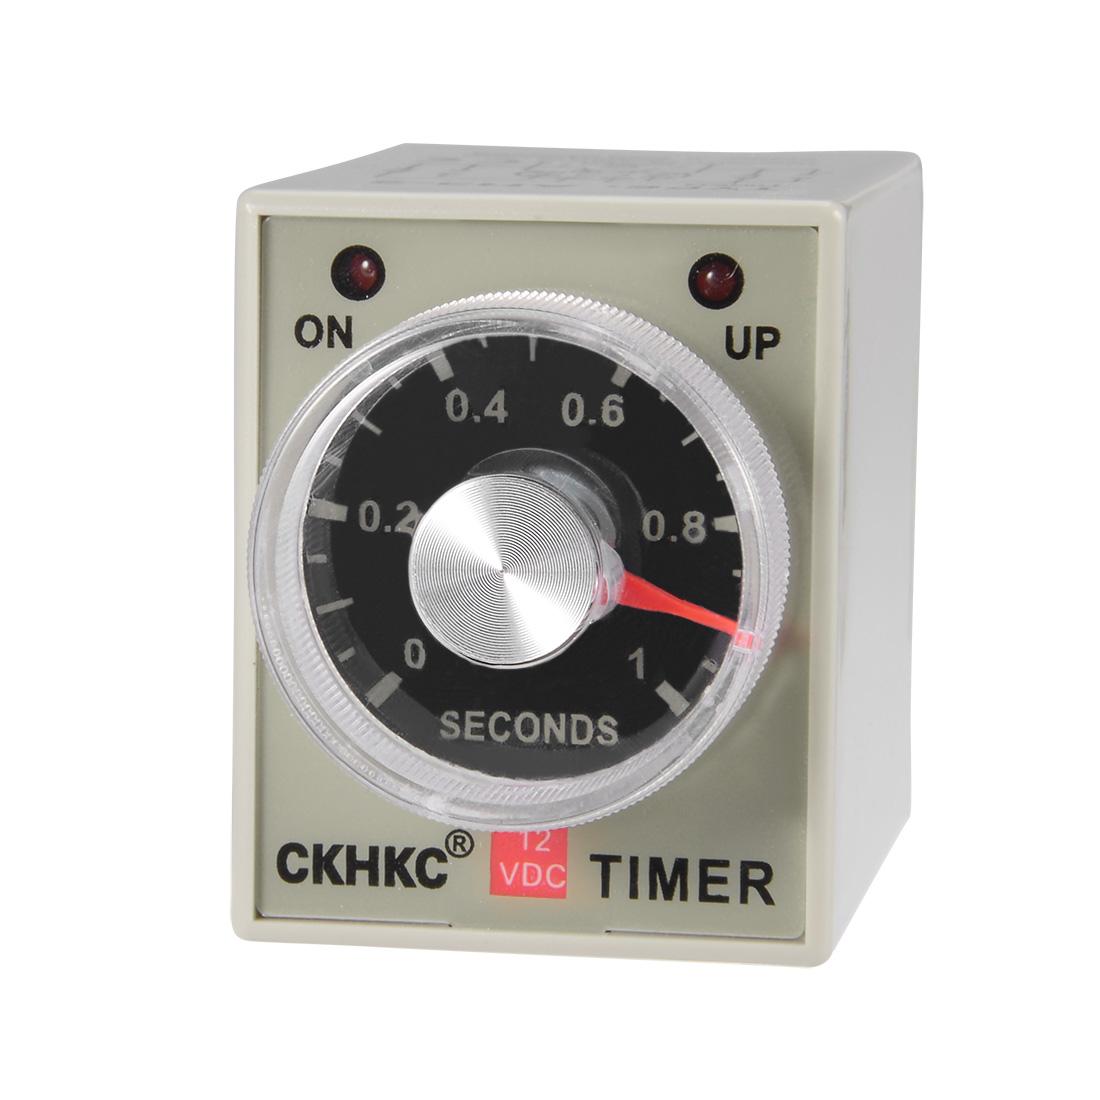 DC12V 1S 8 Terminals Range Adjustable Delay Timer Time Relay AH3-3